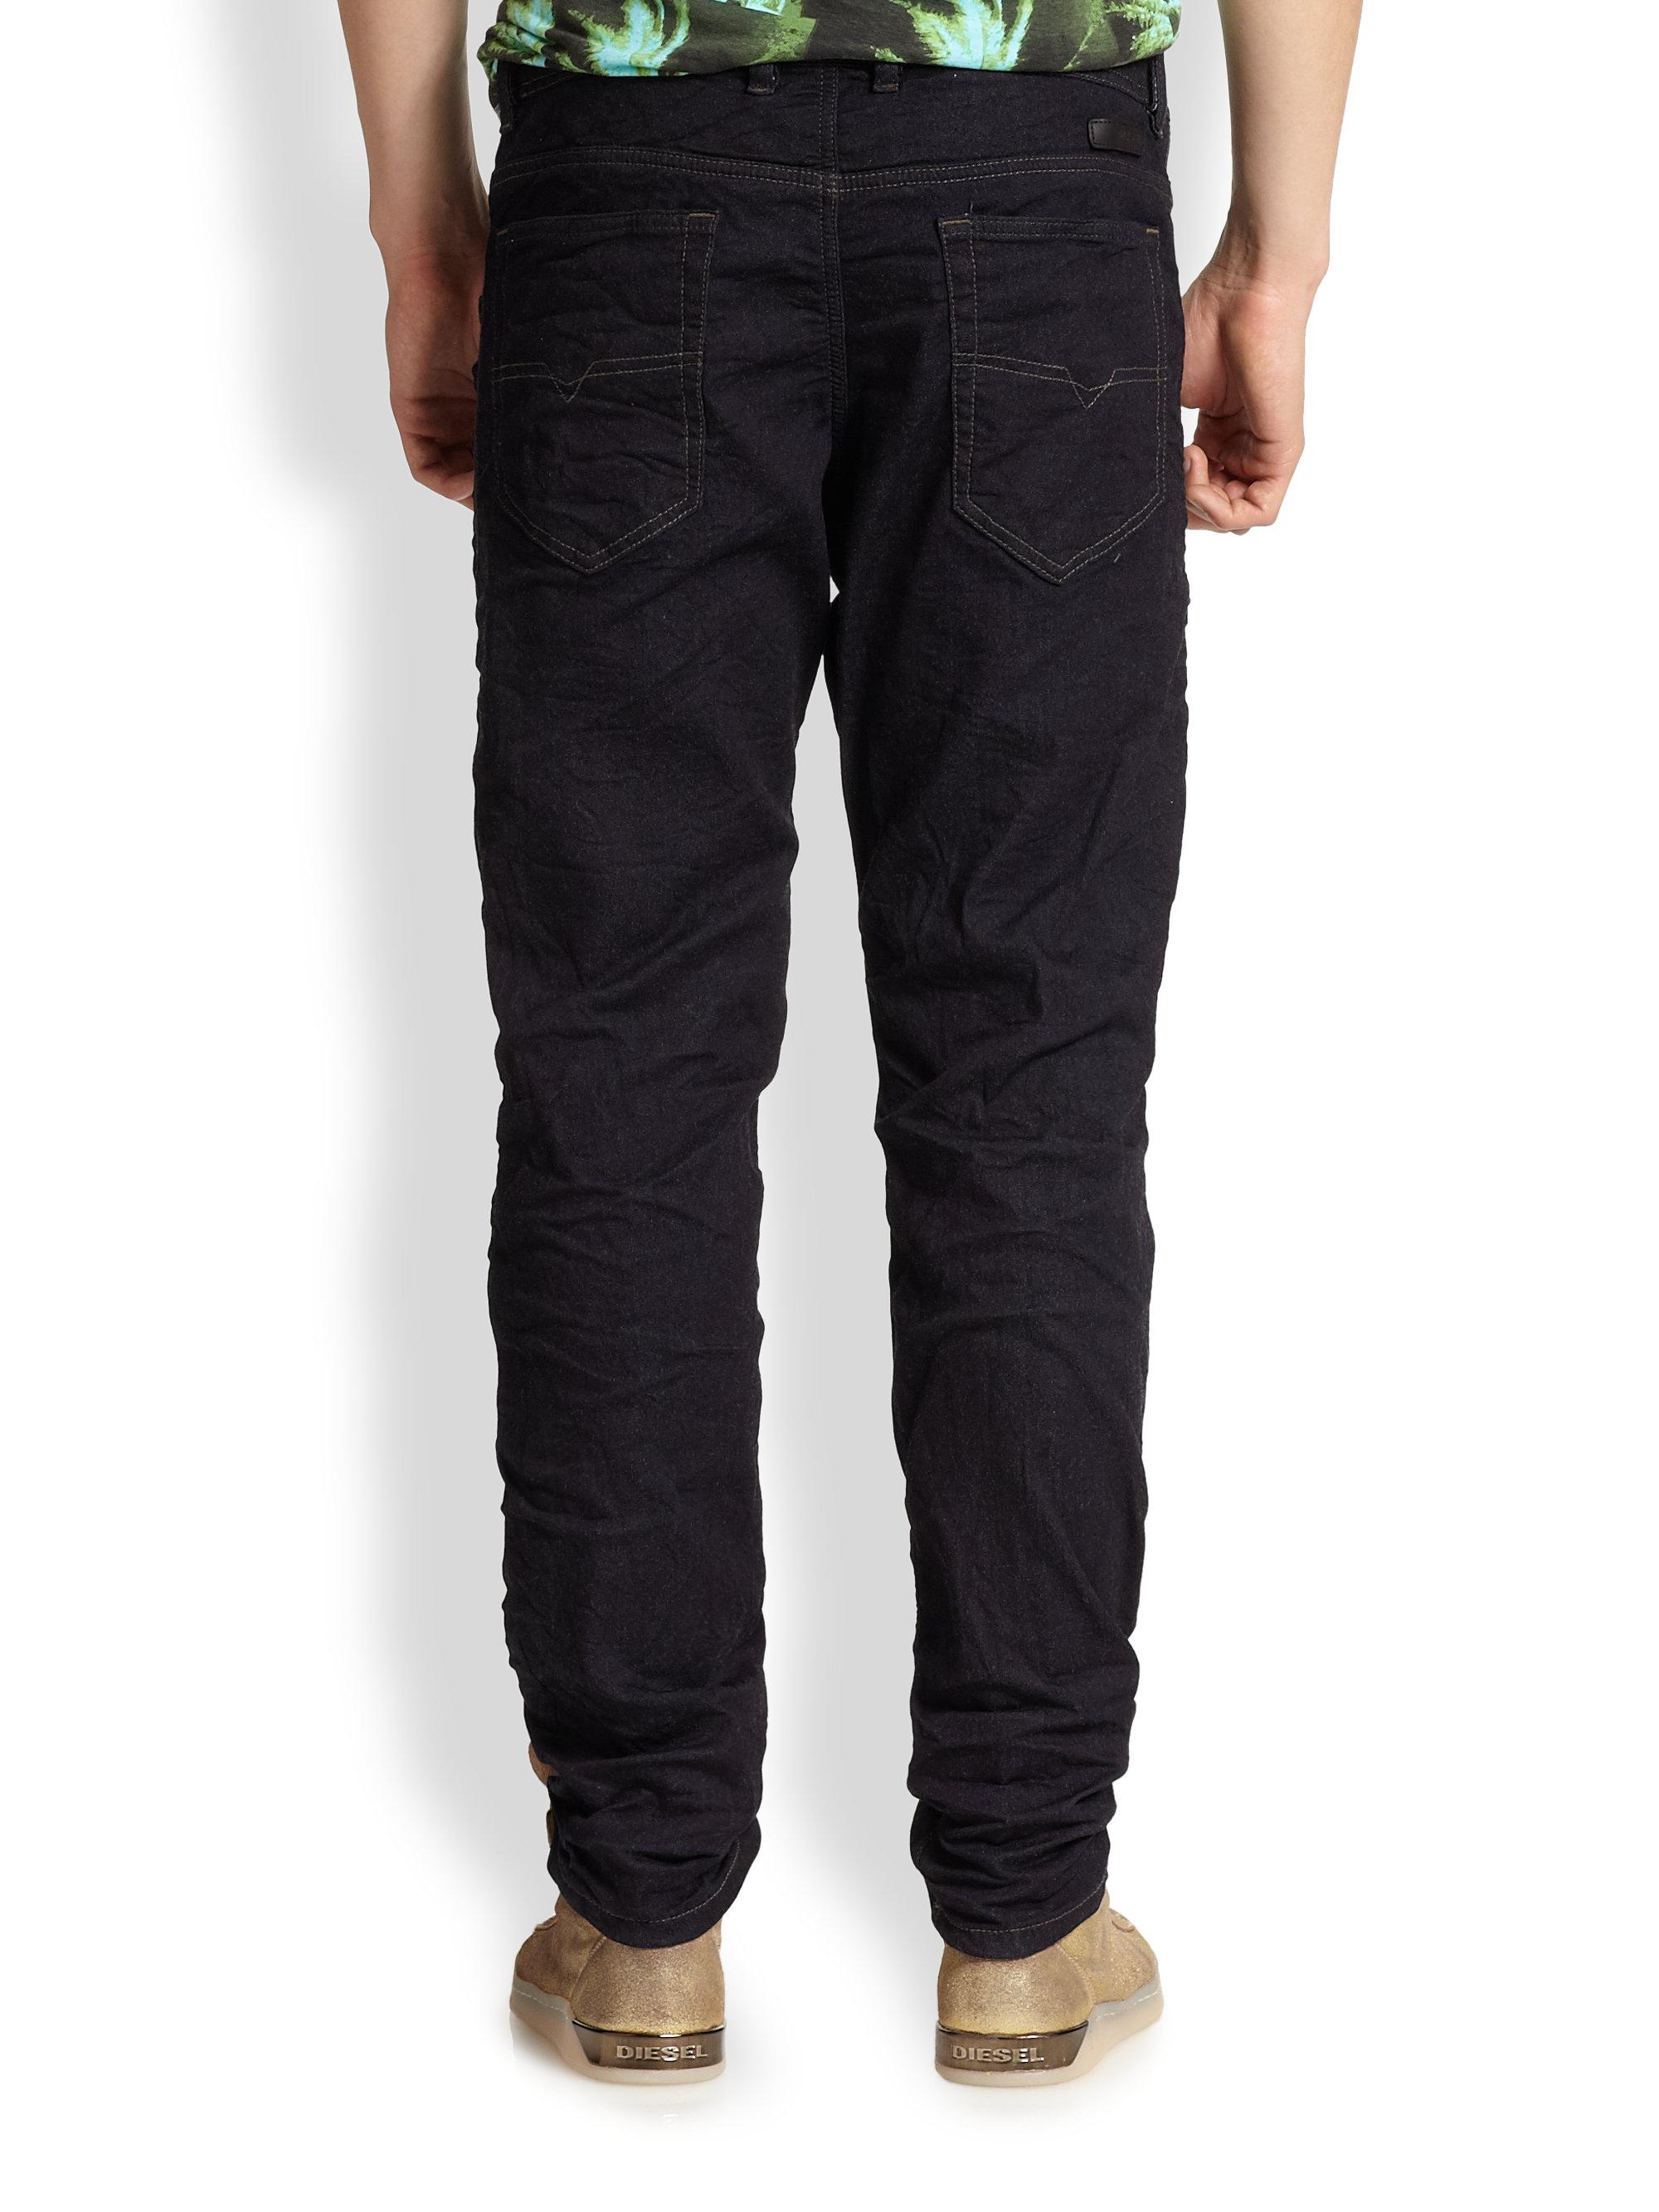 lyst diesel narrot jogg jeans in blue for men. Black Bedroom Furniture Sets. Home Design Ideas